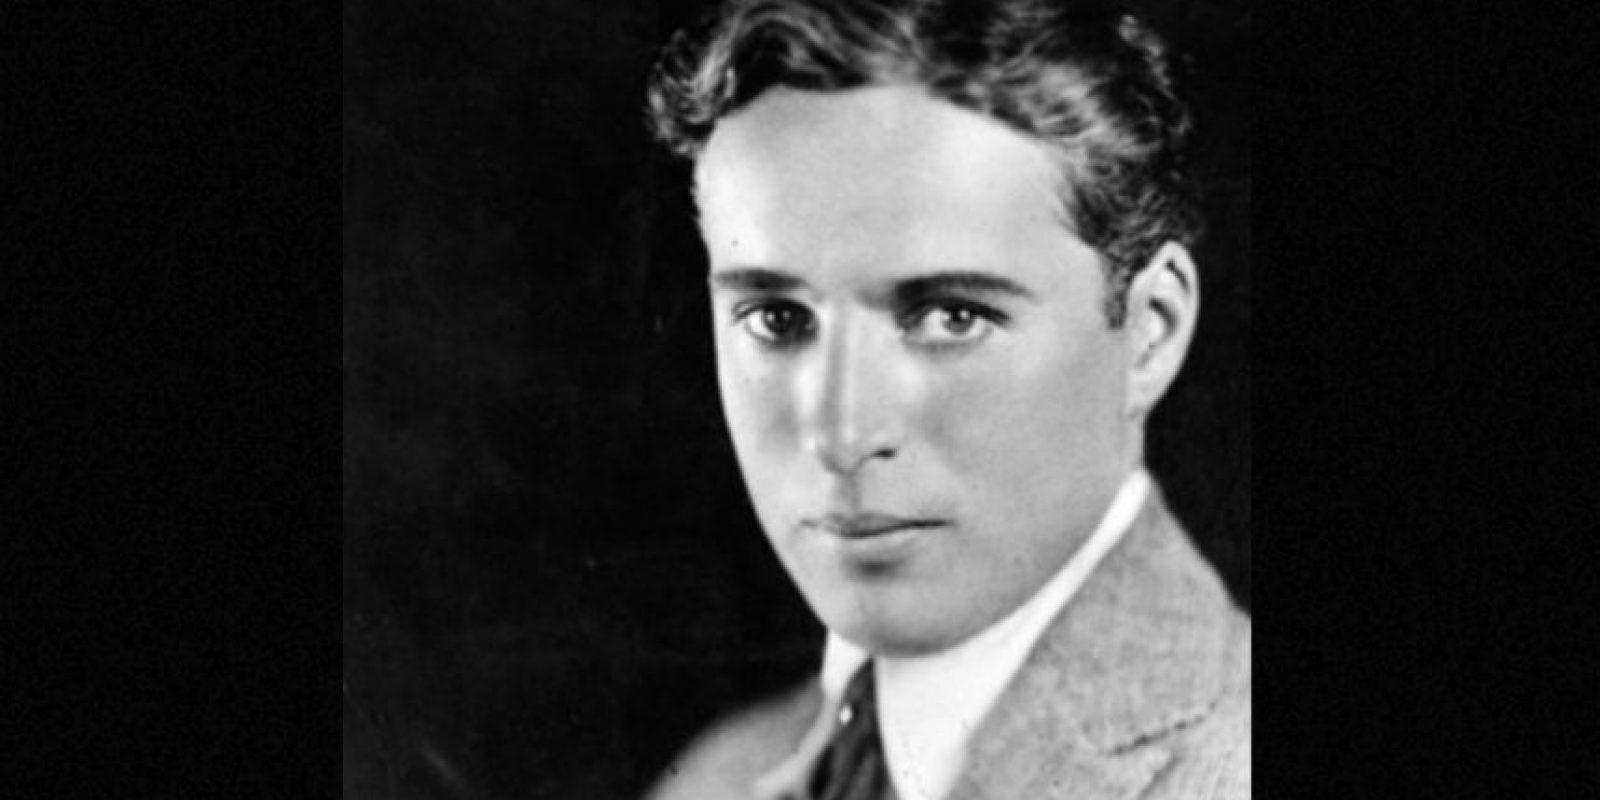 Hay algo en su rostro que recuerda a Charles Chaplin. Foto:Getty Images